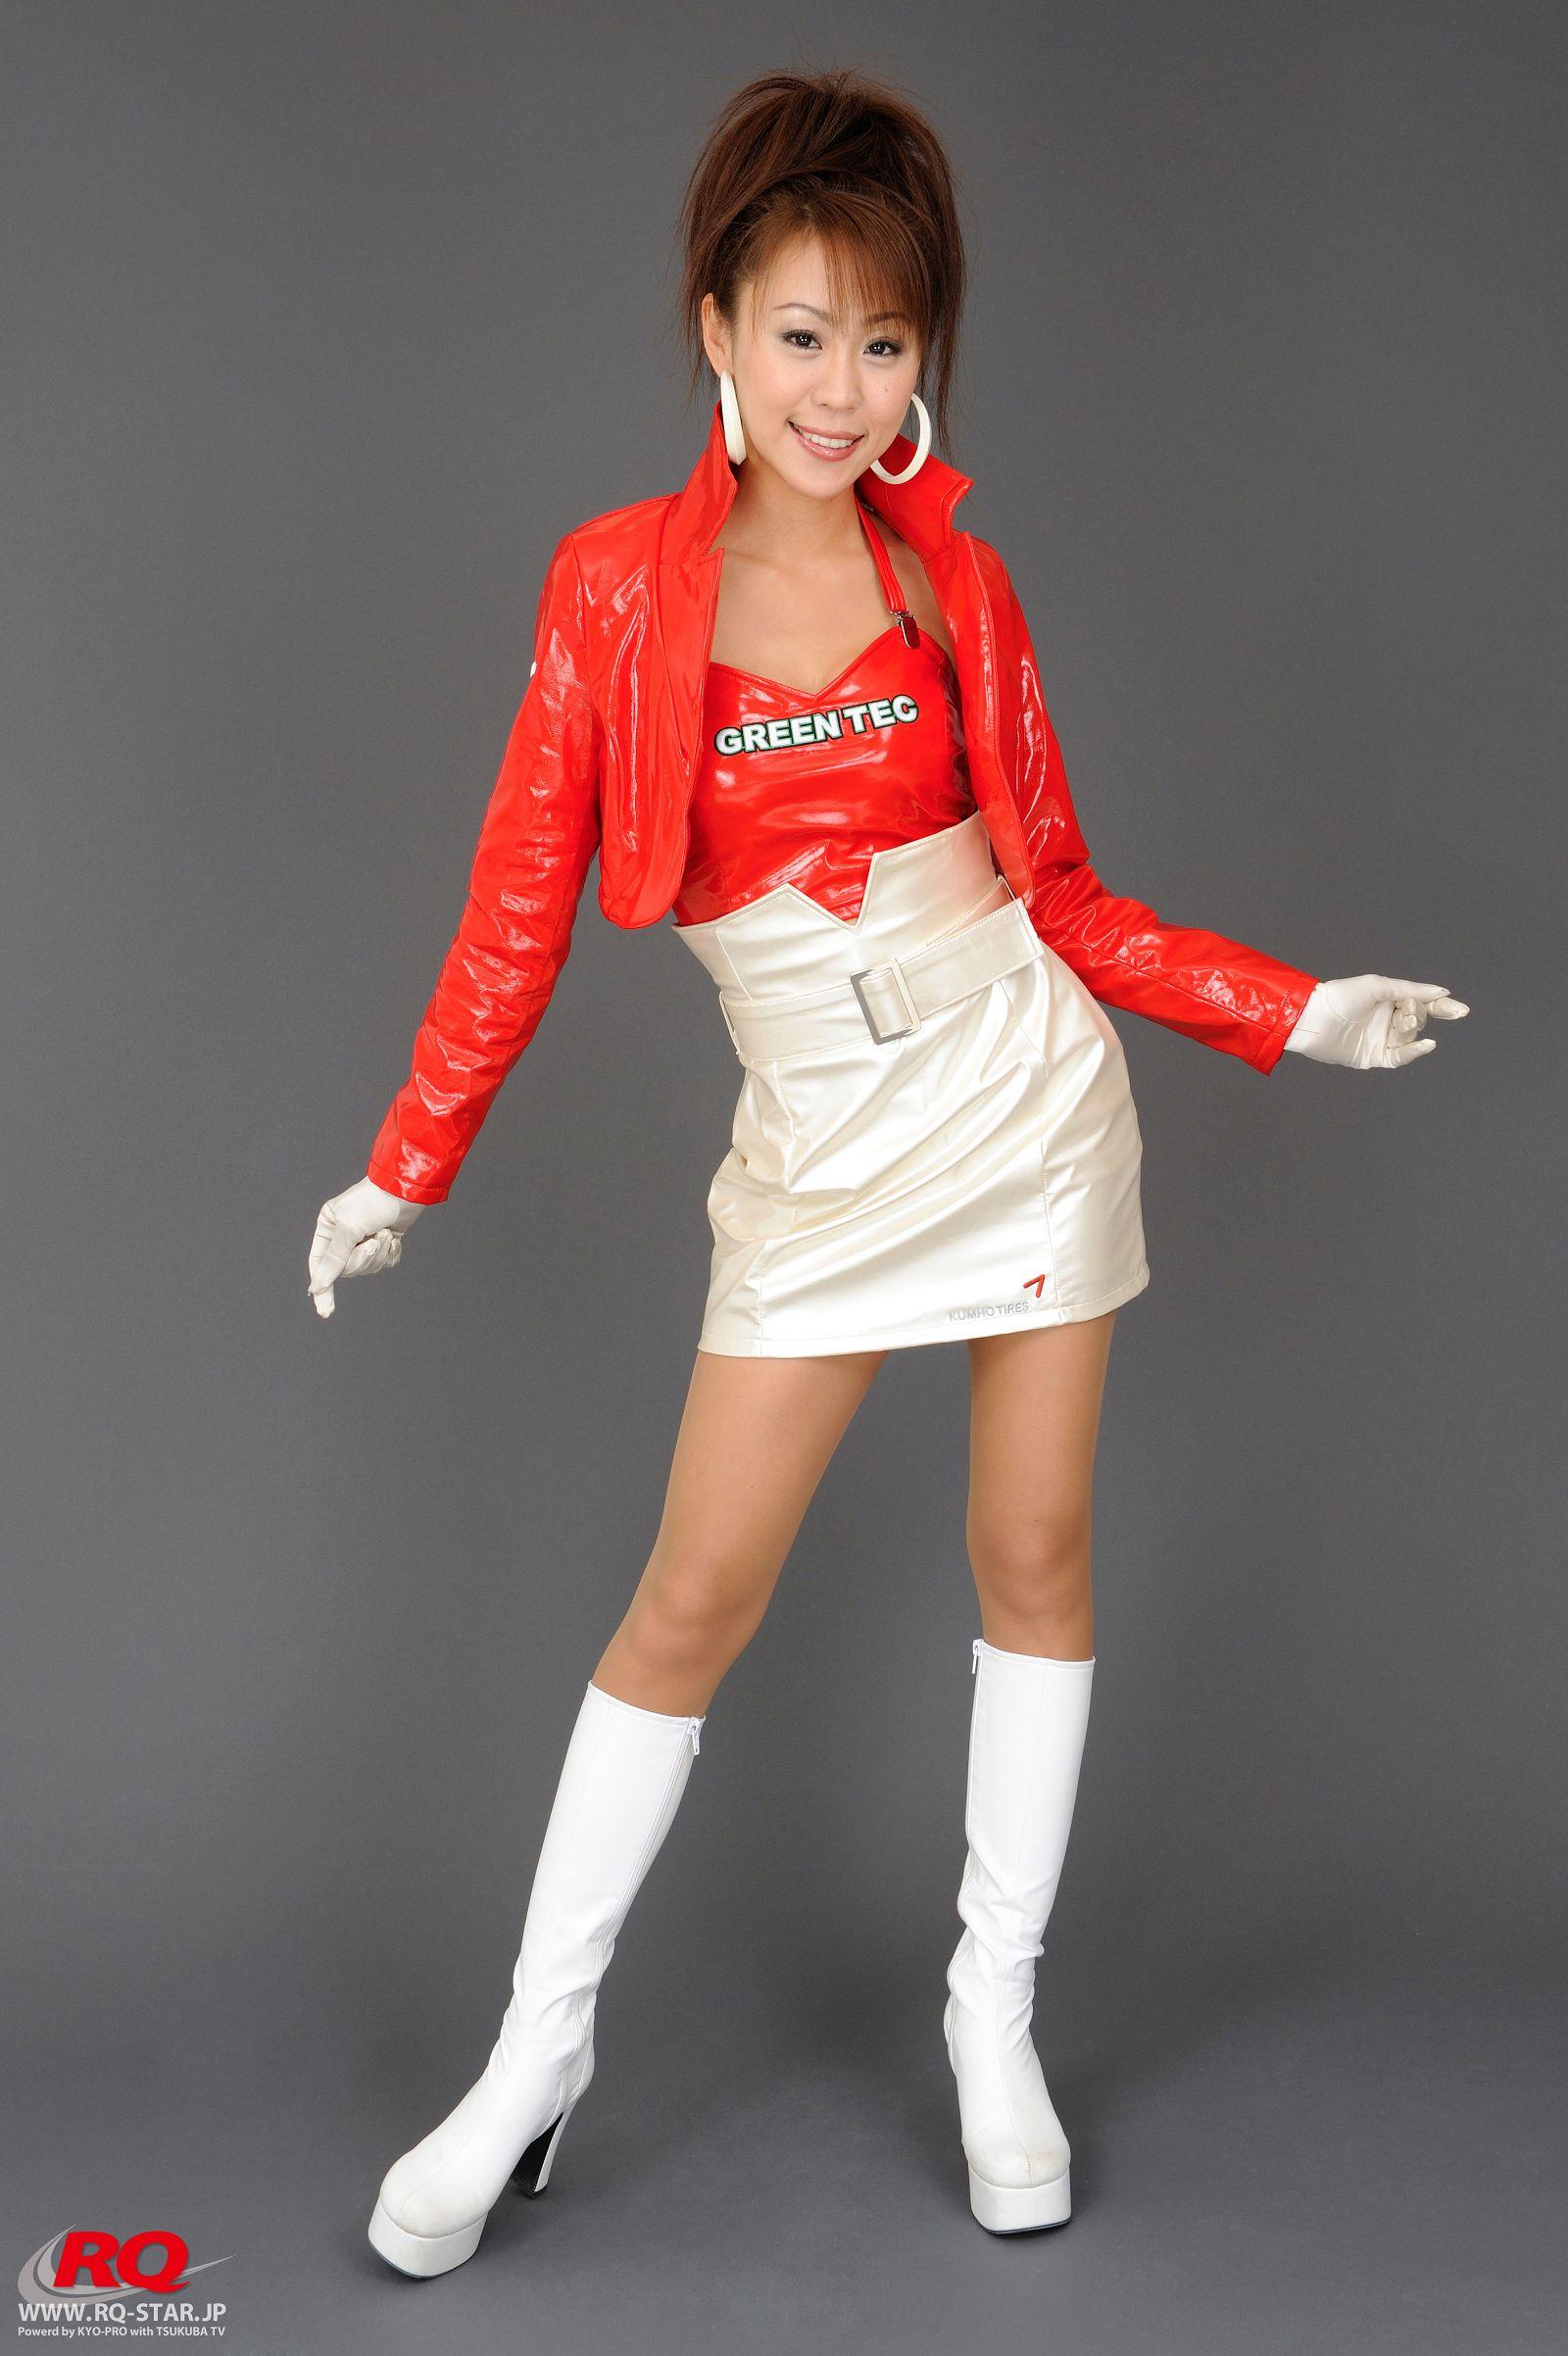 [RQ STAR美女] NO.0024 Mika YoKobe 橫部実佳 Private Dress[200P] RQ STAR 第2张